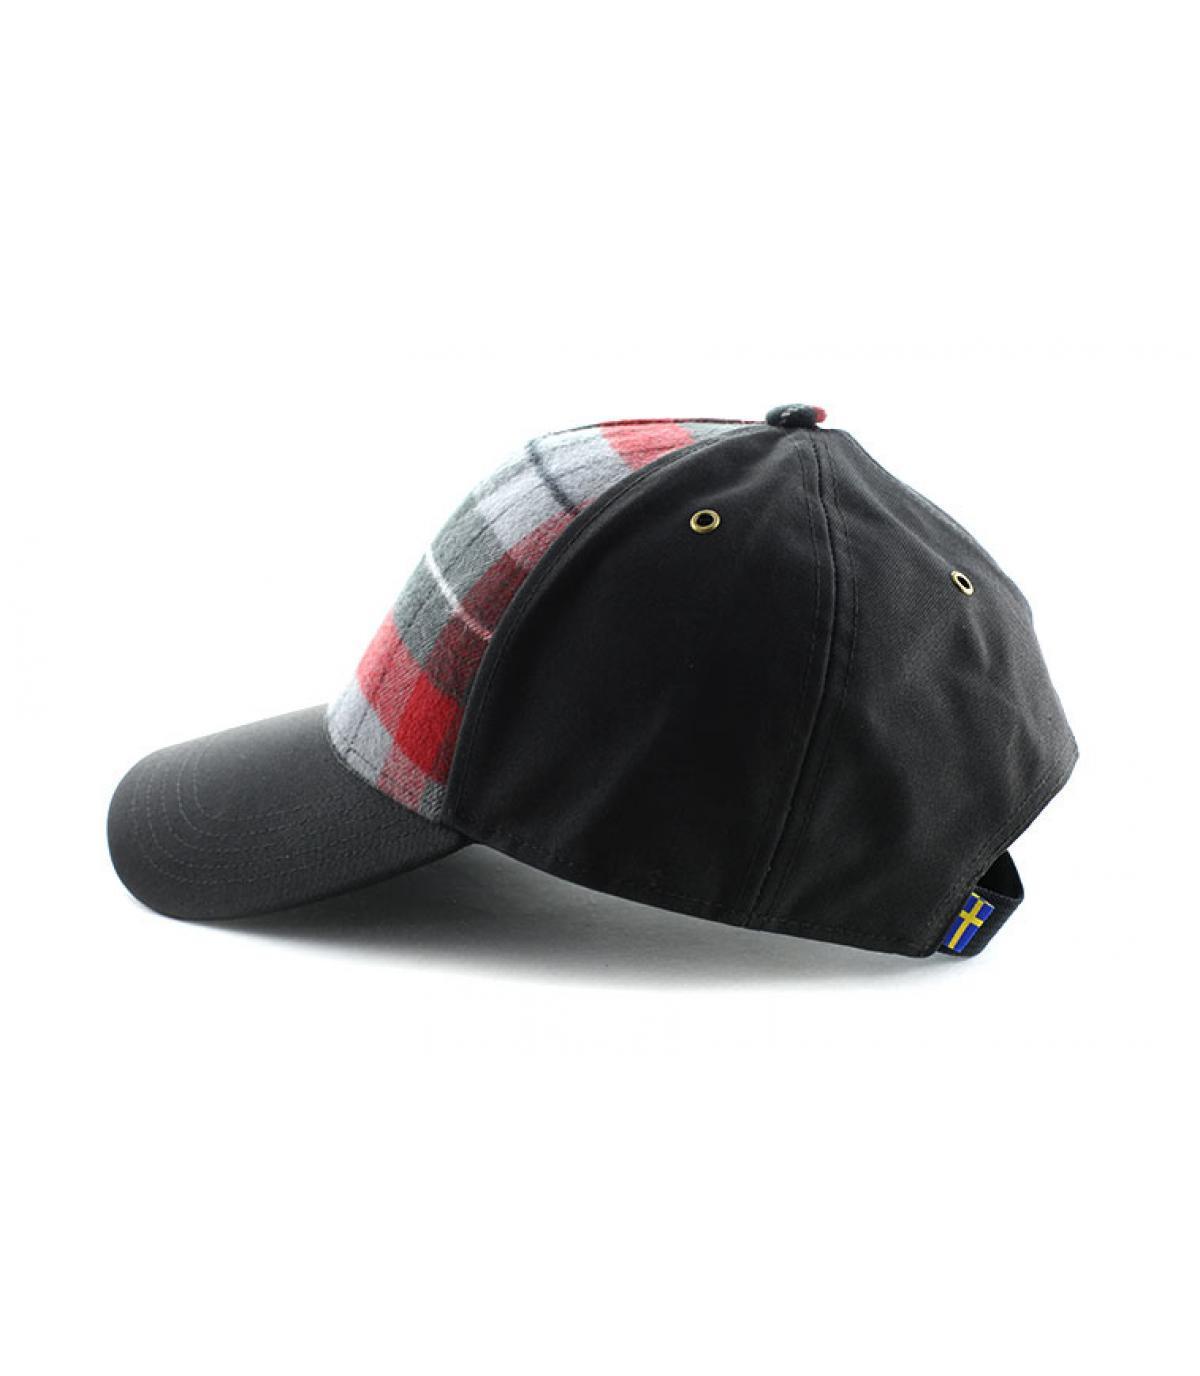 Détails Ovik plaid cap dark grey - image 4